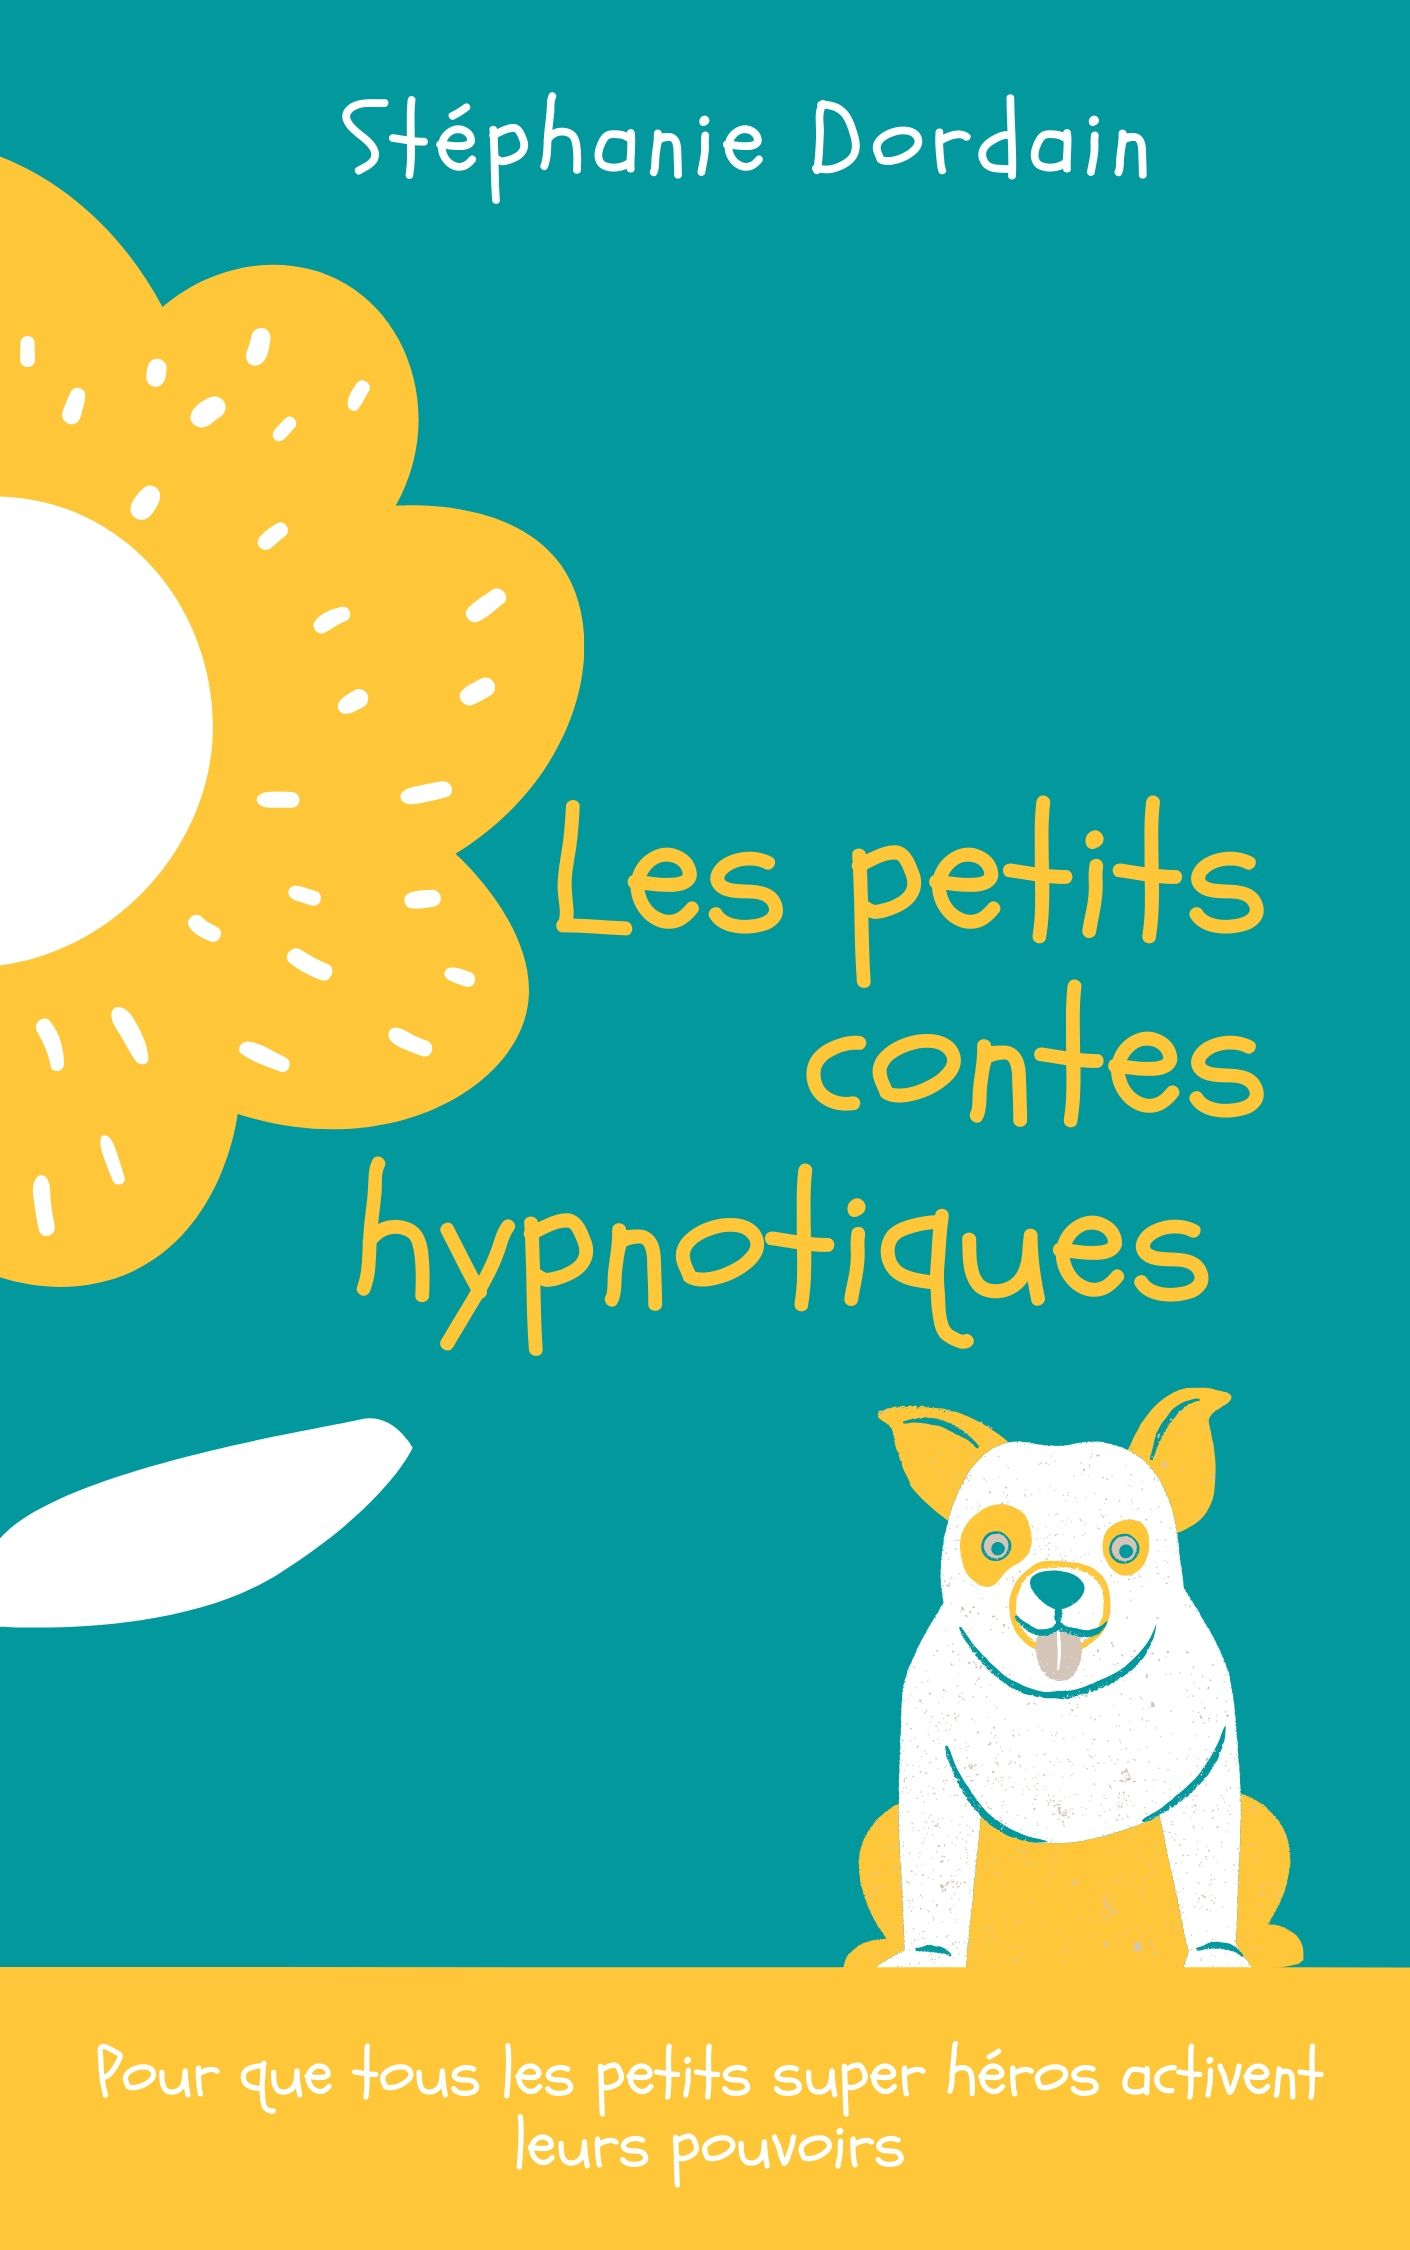 Les contes hypnotiques de Stéphanie Dordain